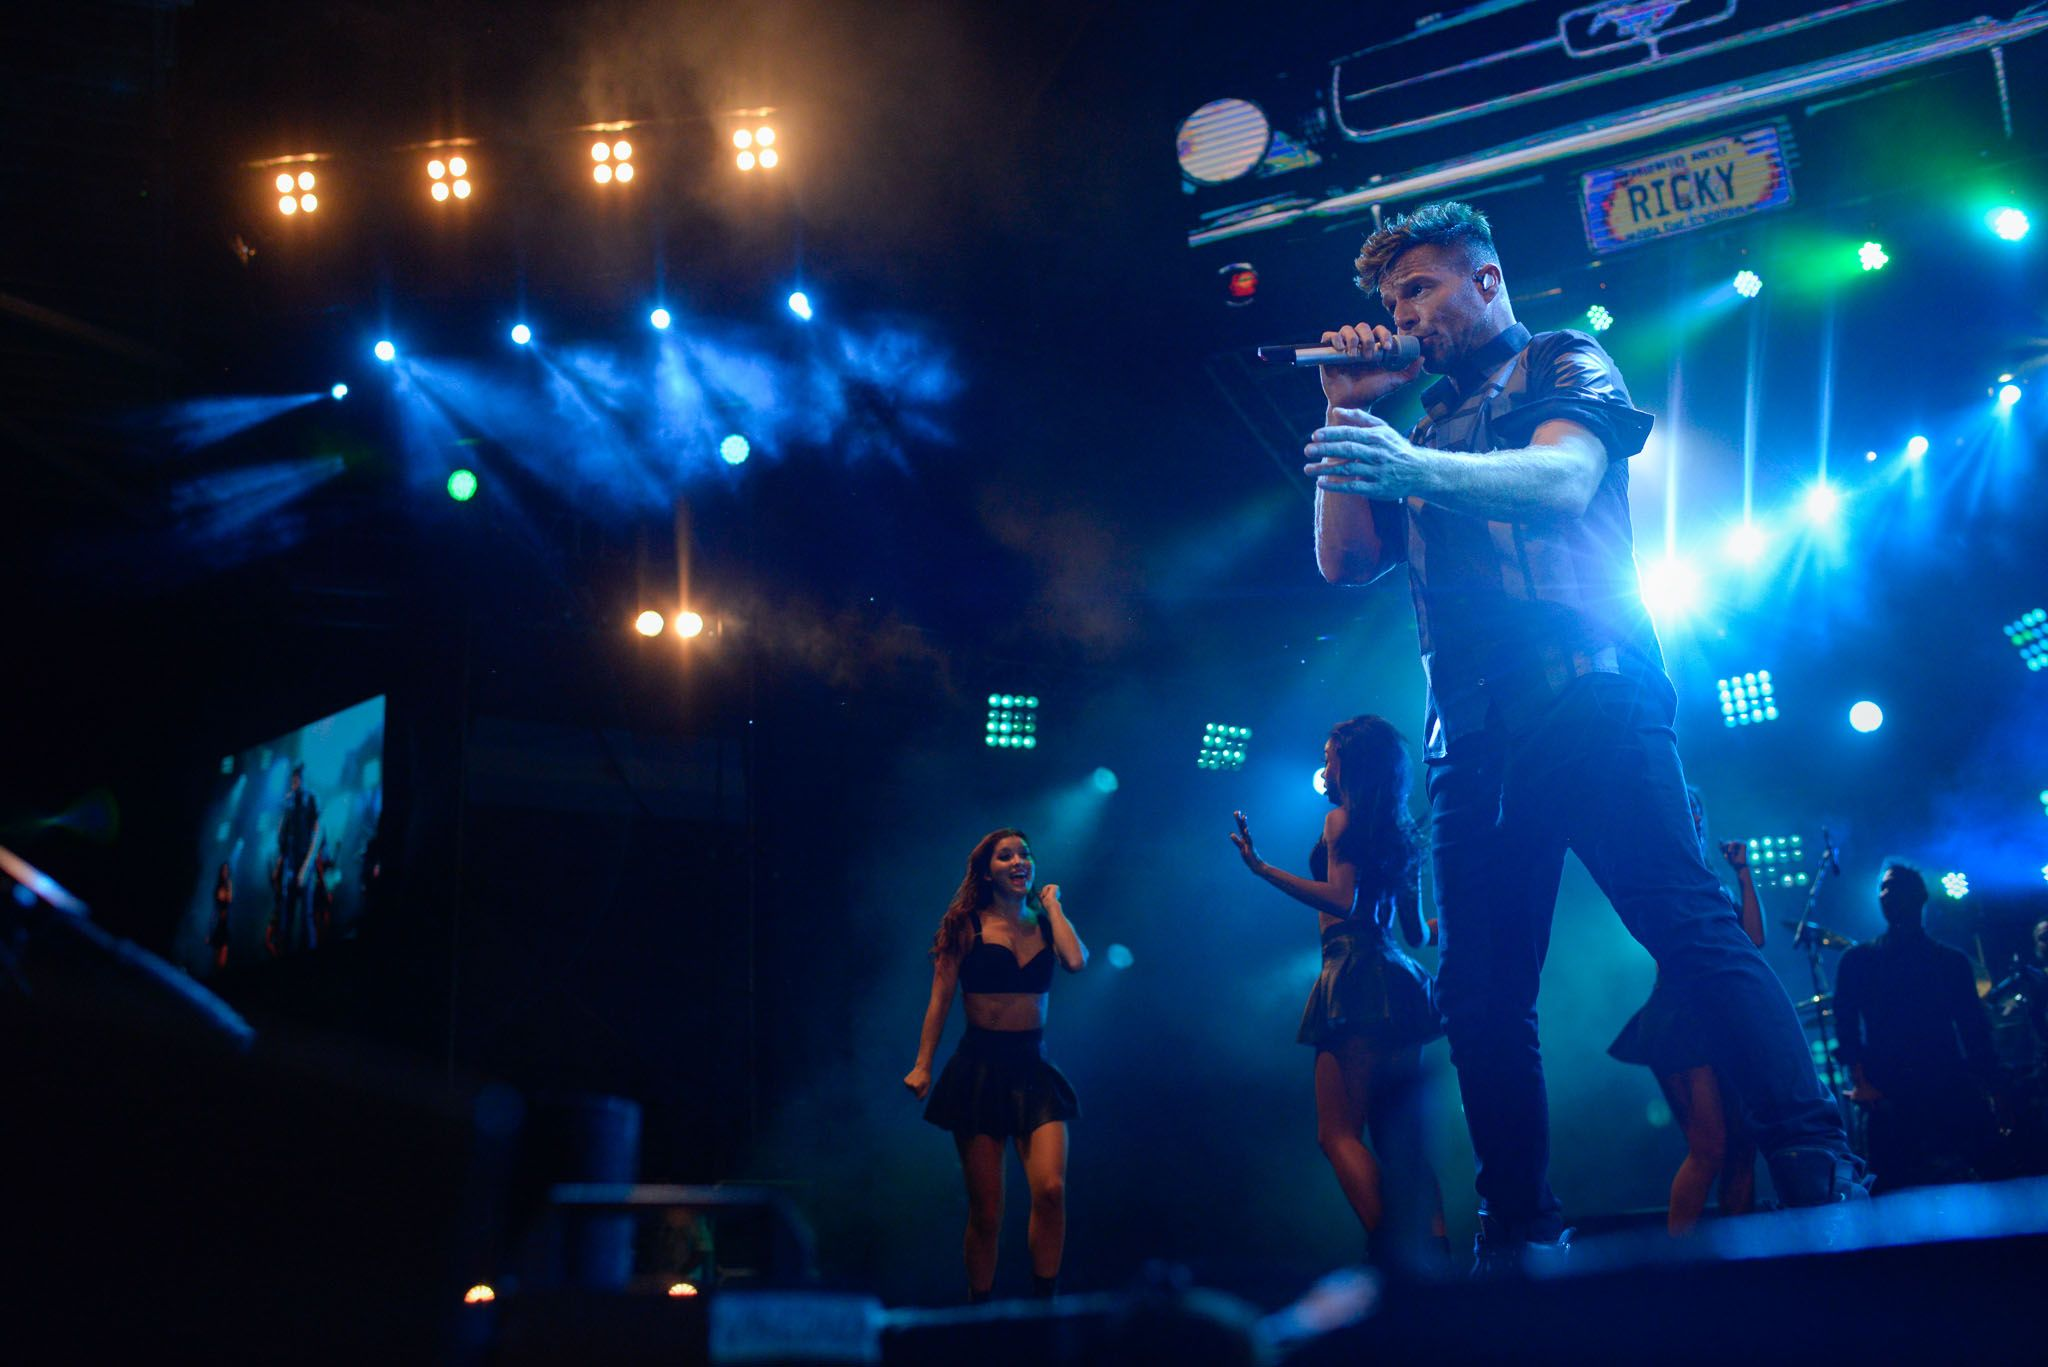 El artista latino desplegó anteanoche una hora y media de potentes hits.